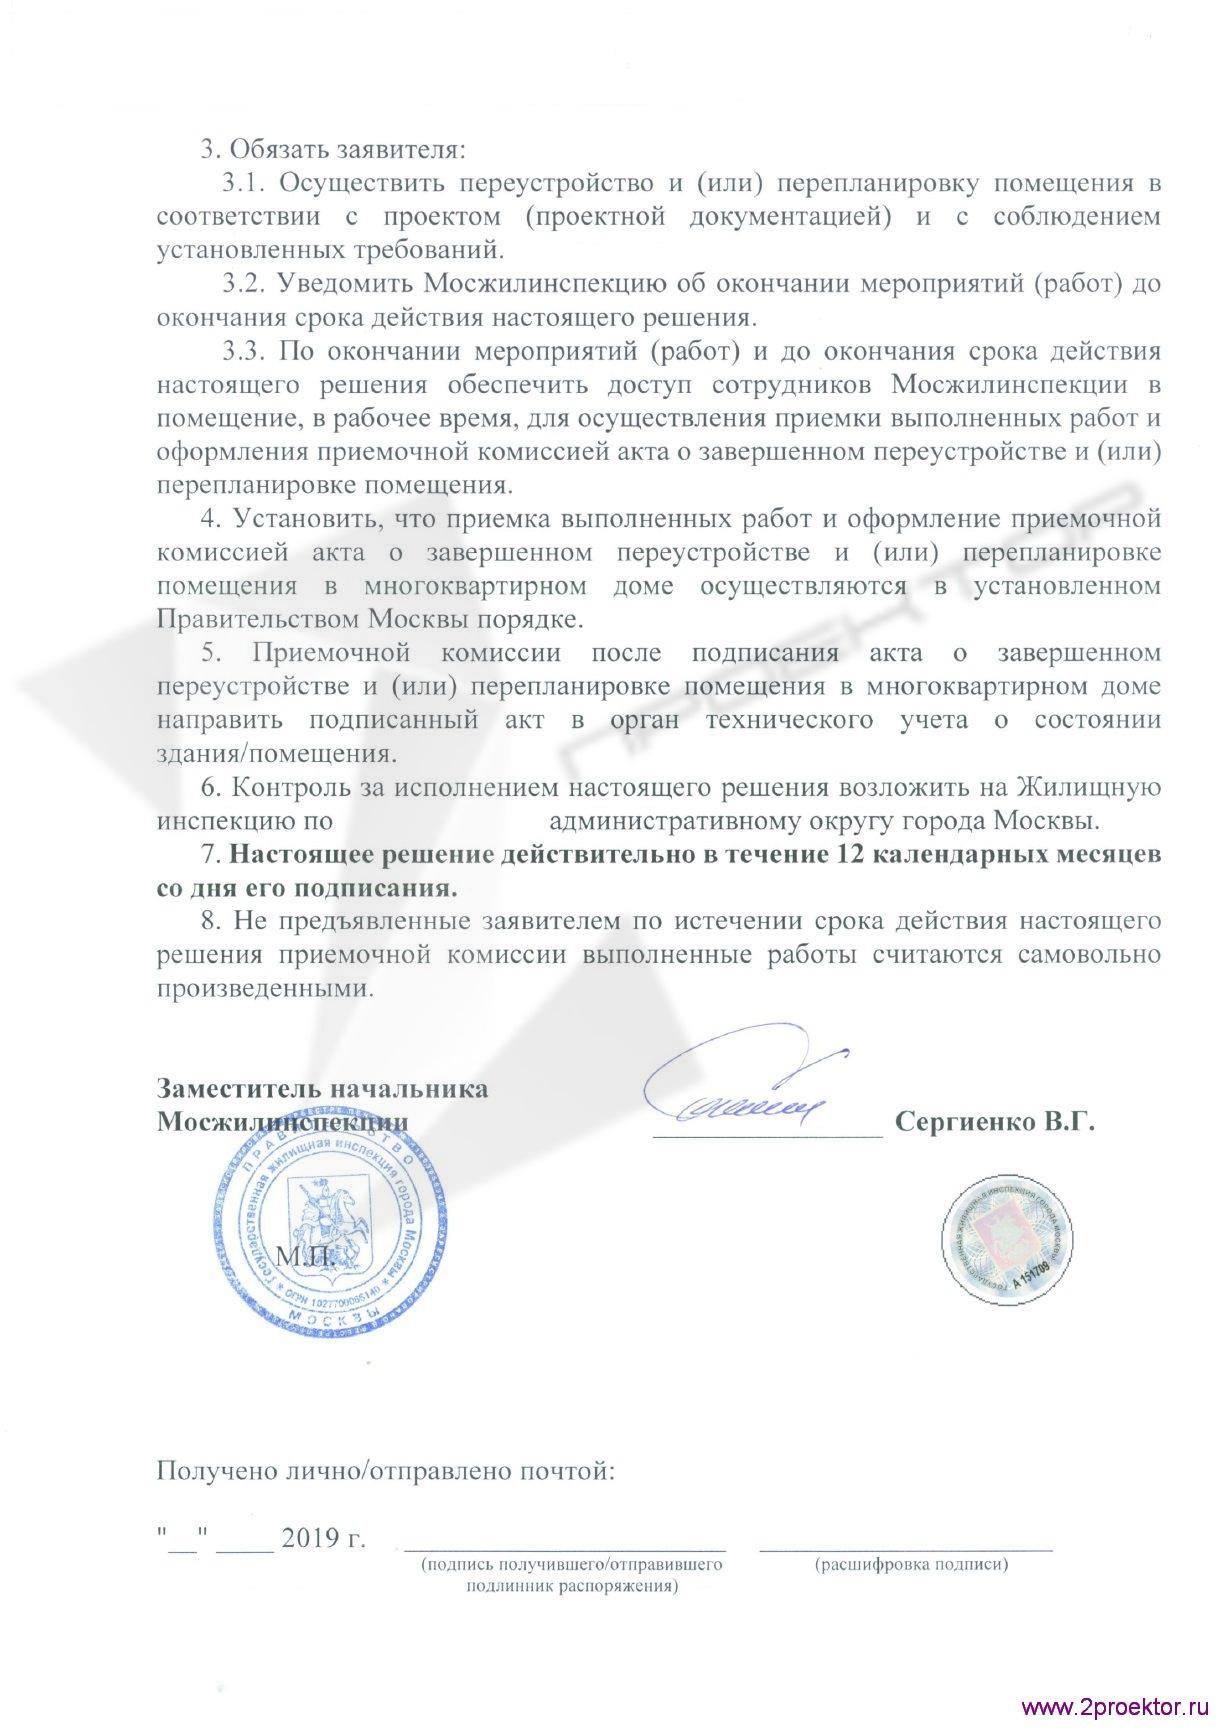 Распоряжение Мосжилинспекции страница 2.